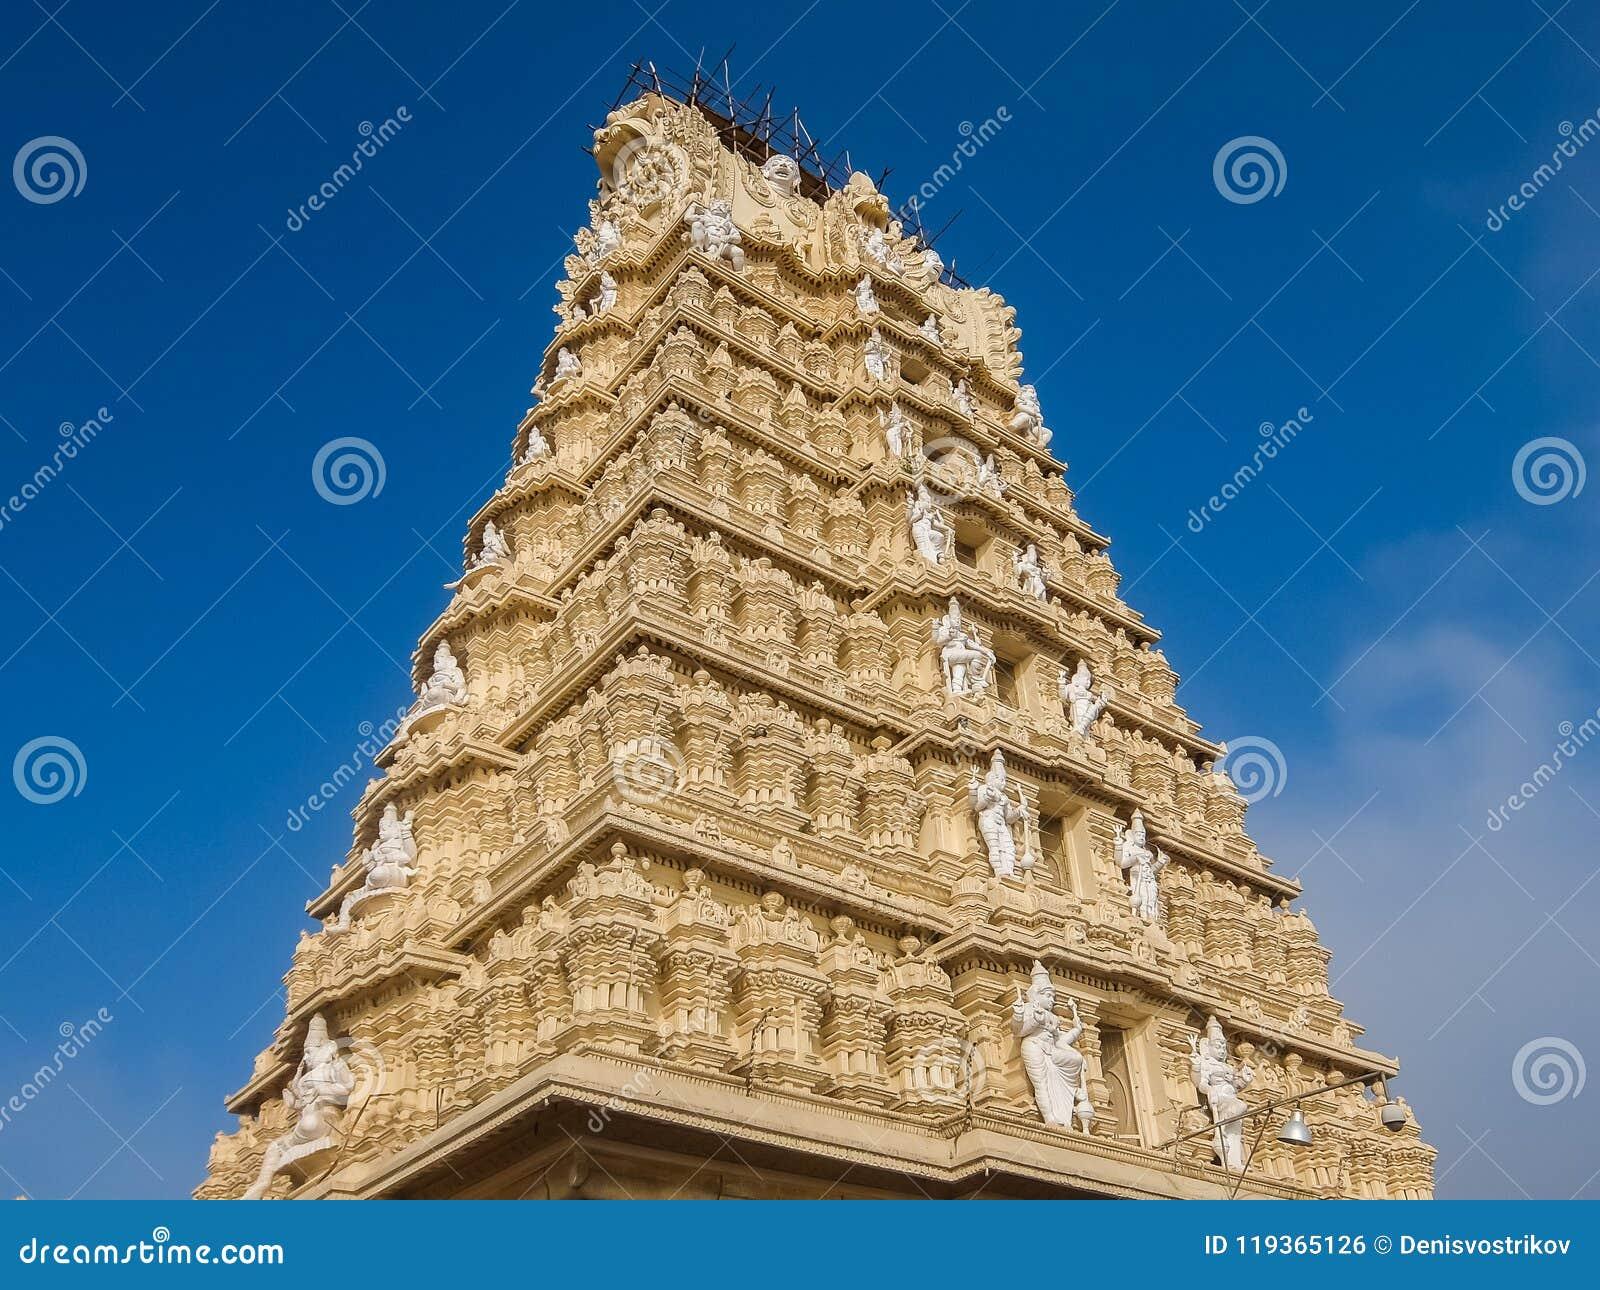 Άποψη του ναού Sri Chamundeshwari, που βρίσκεται στους λόφους Chamundi κοντά στο Mysore